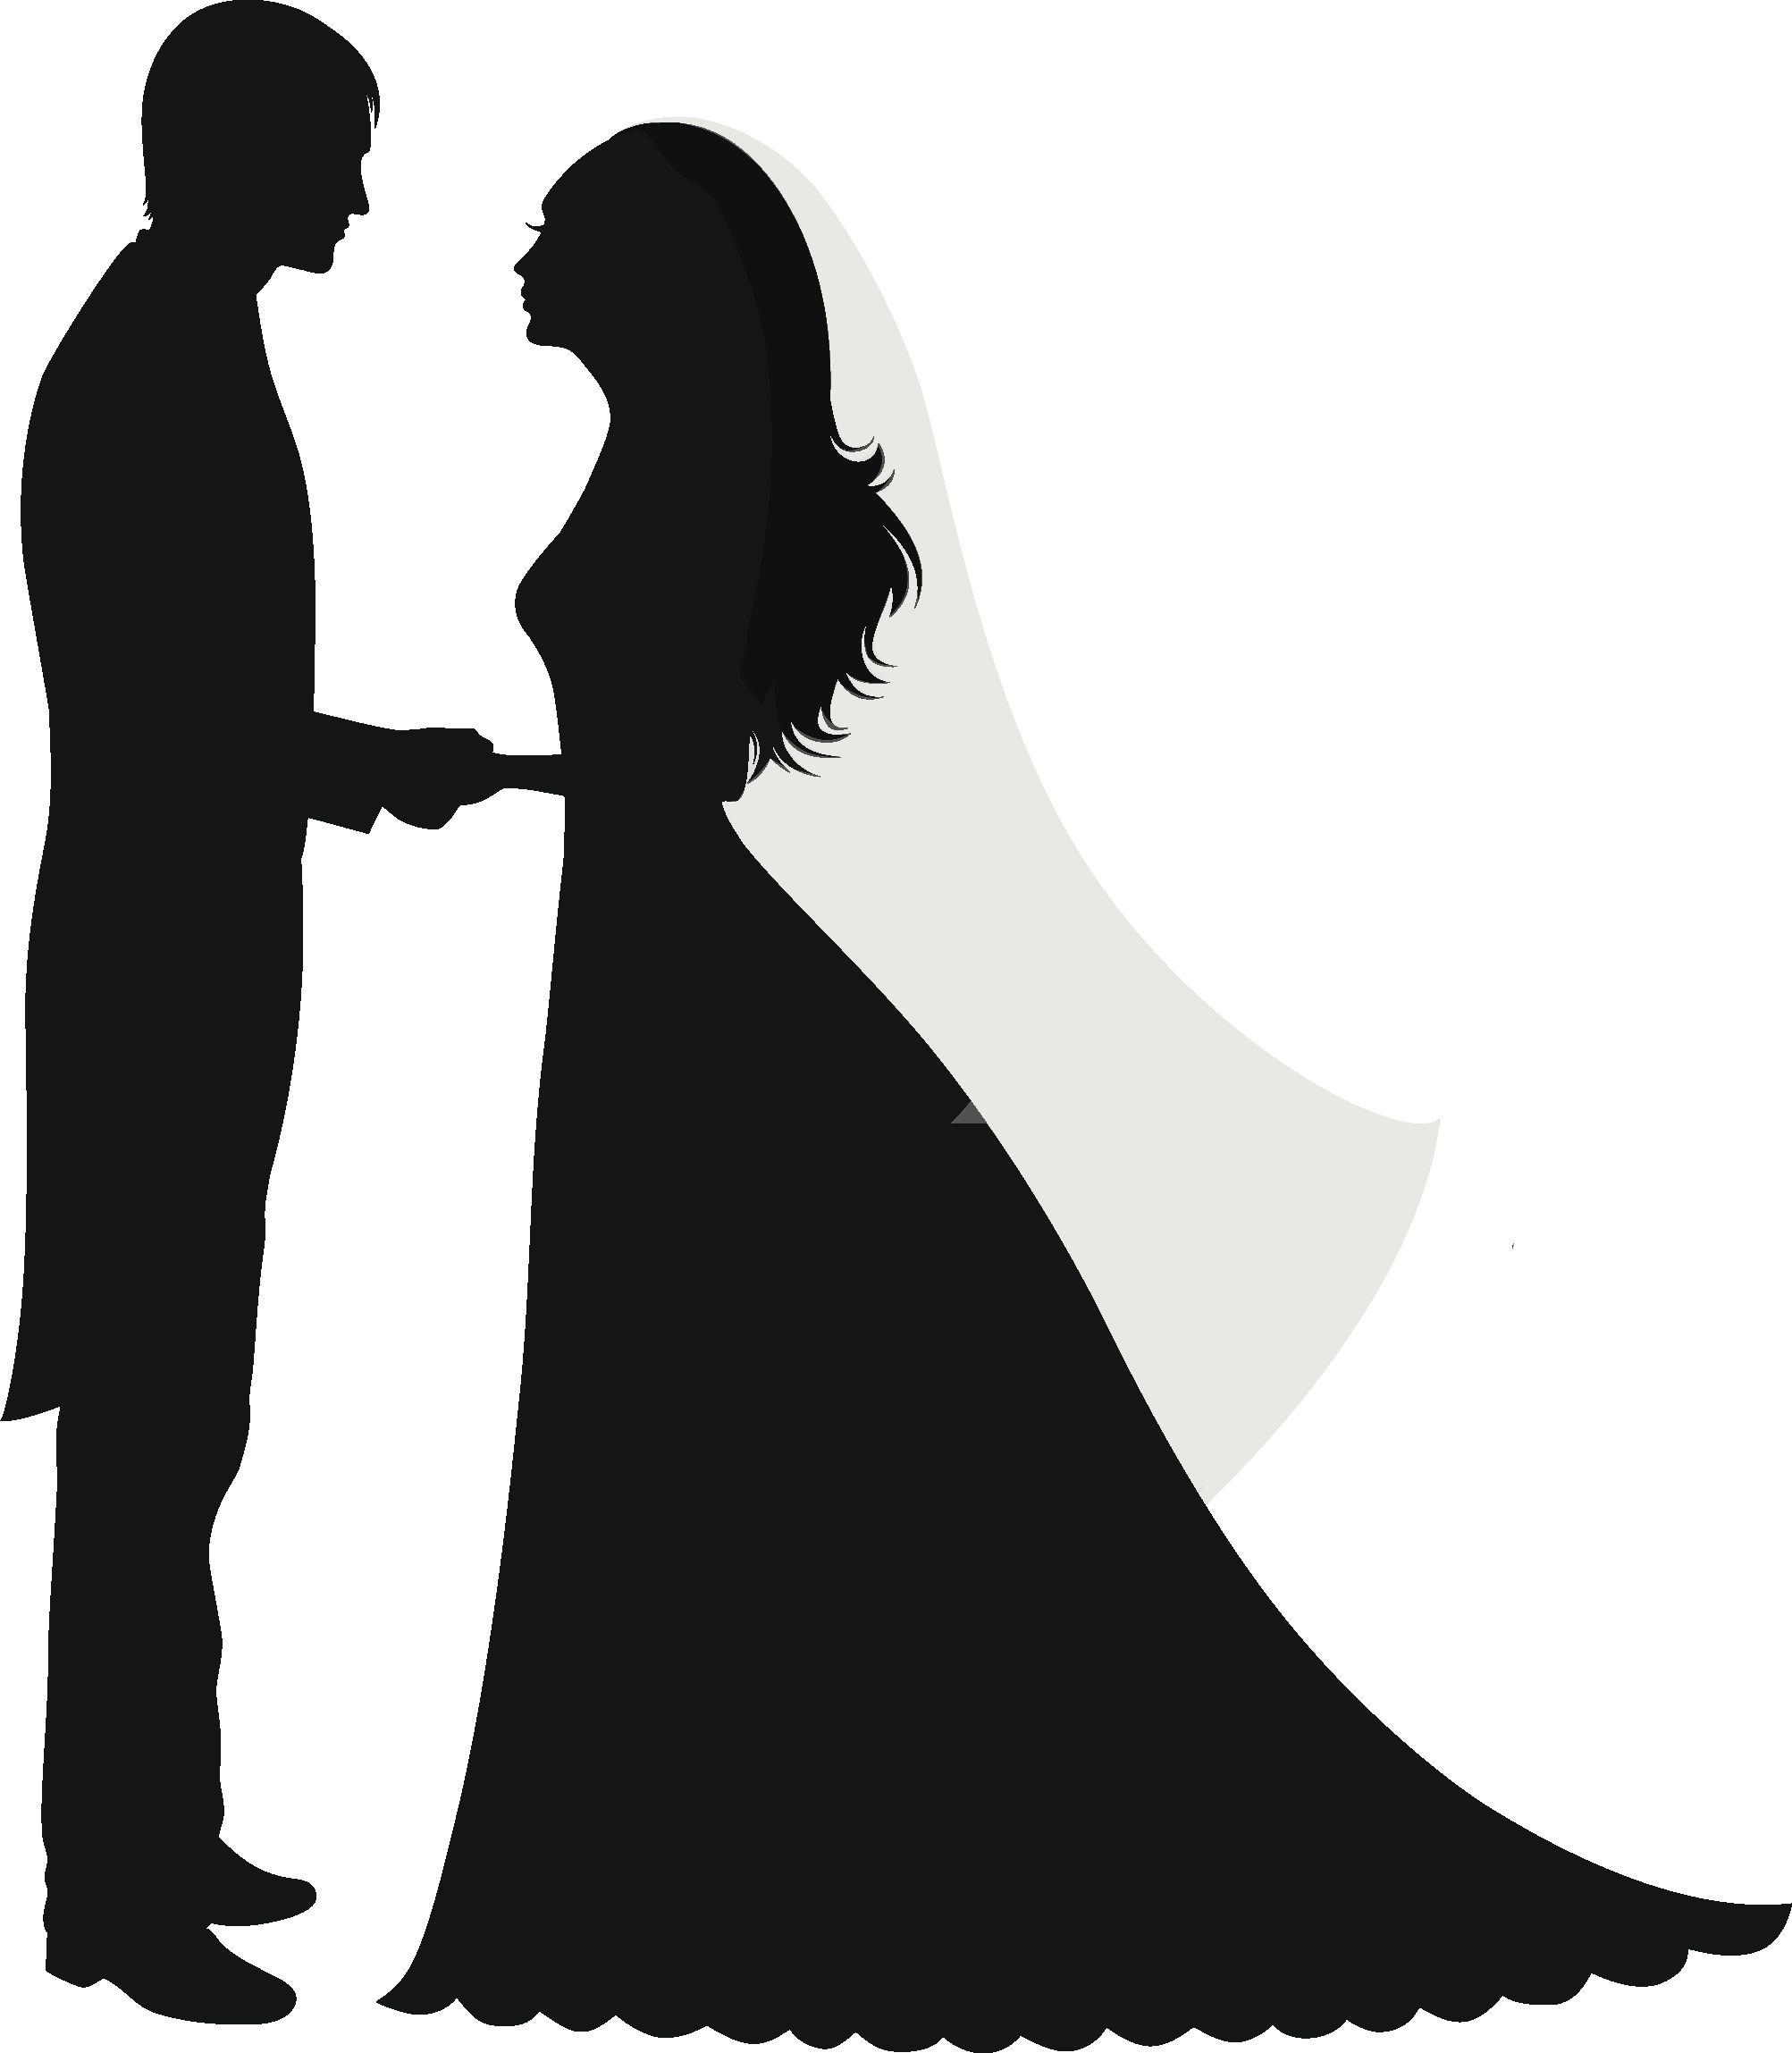 Жених и невеста шаблоны для вырезания